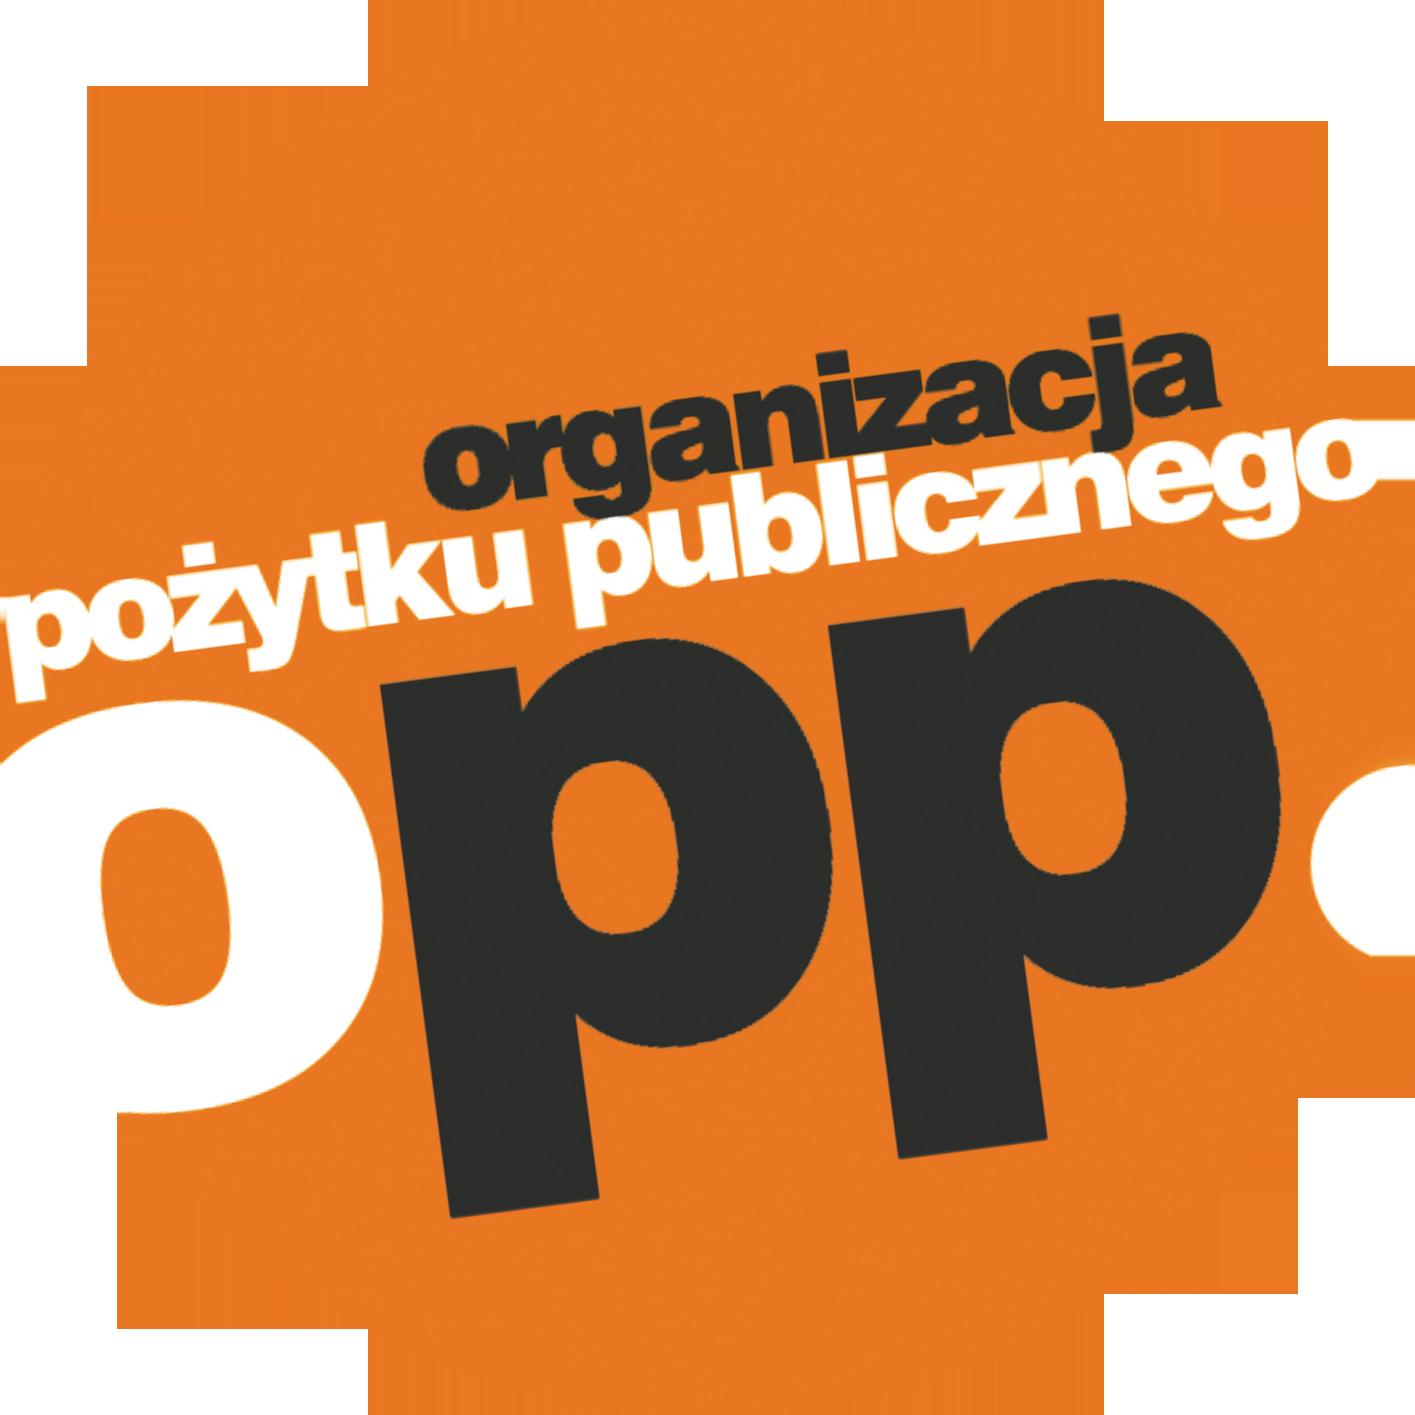 opp_1pr